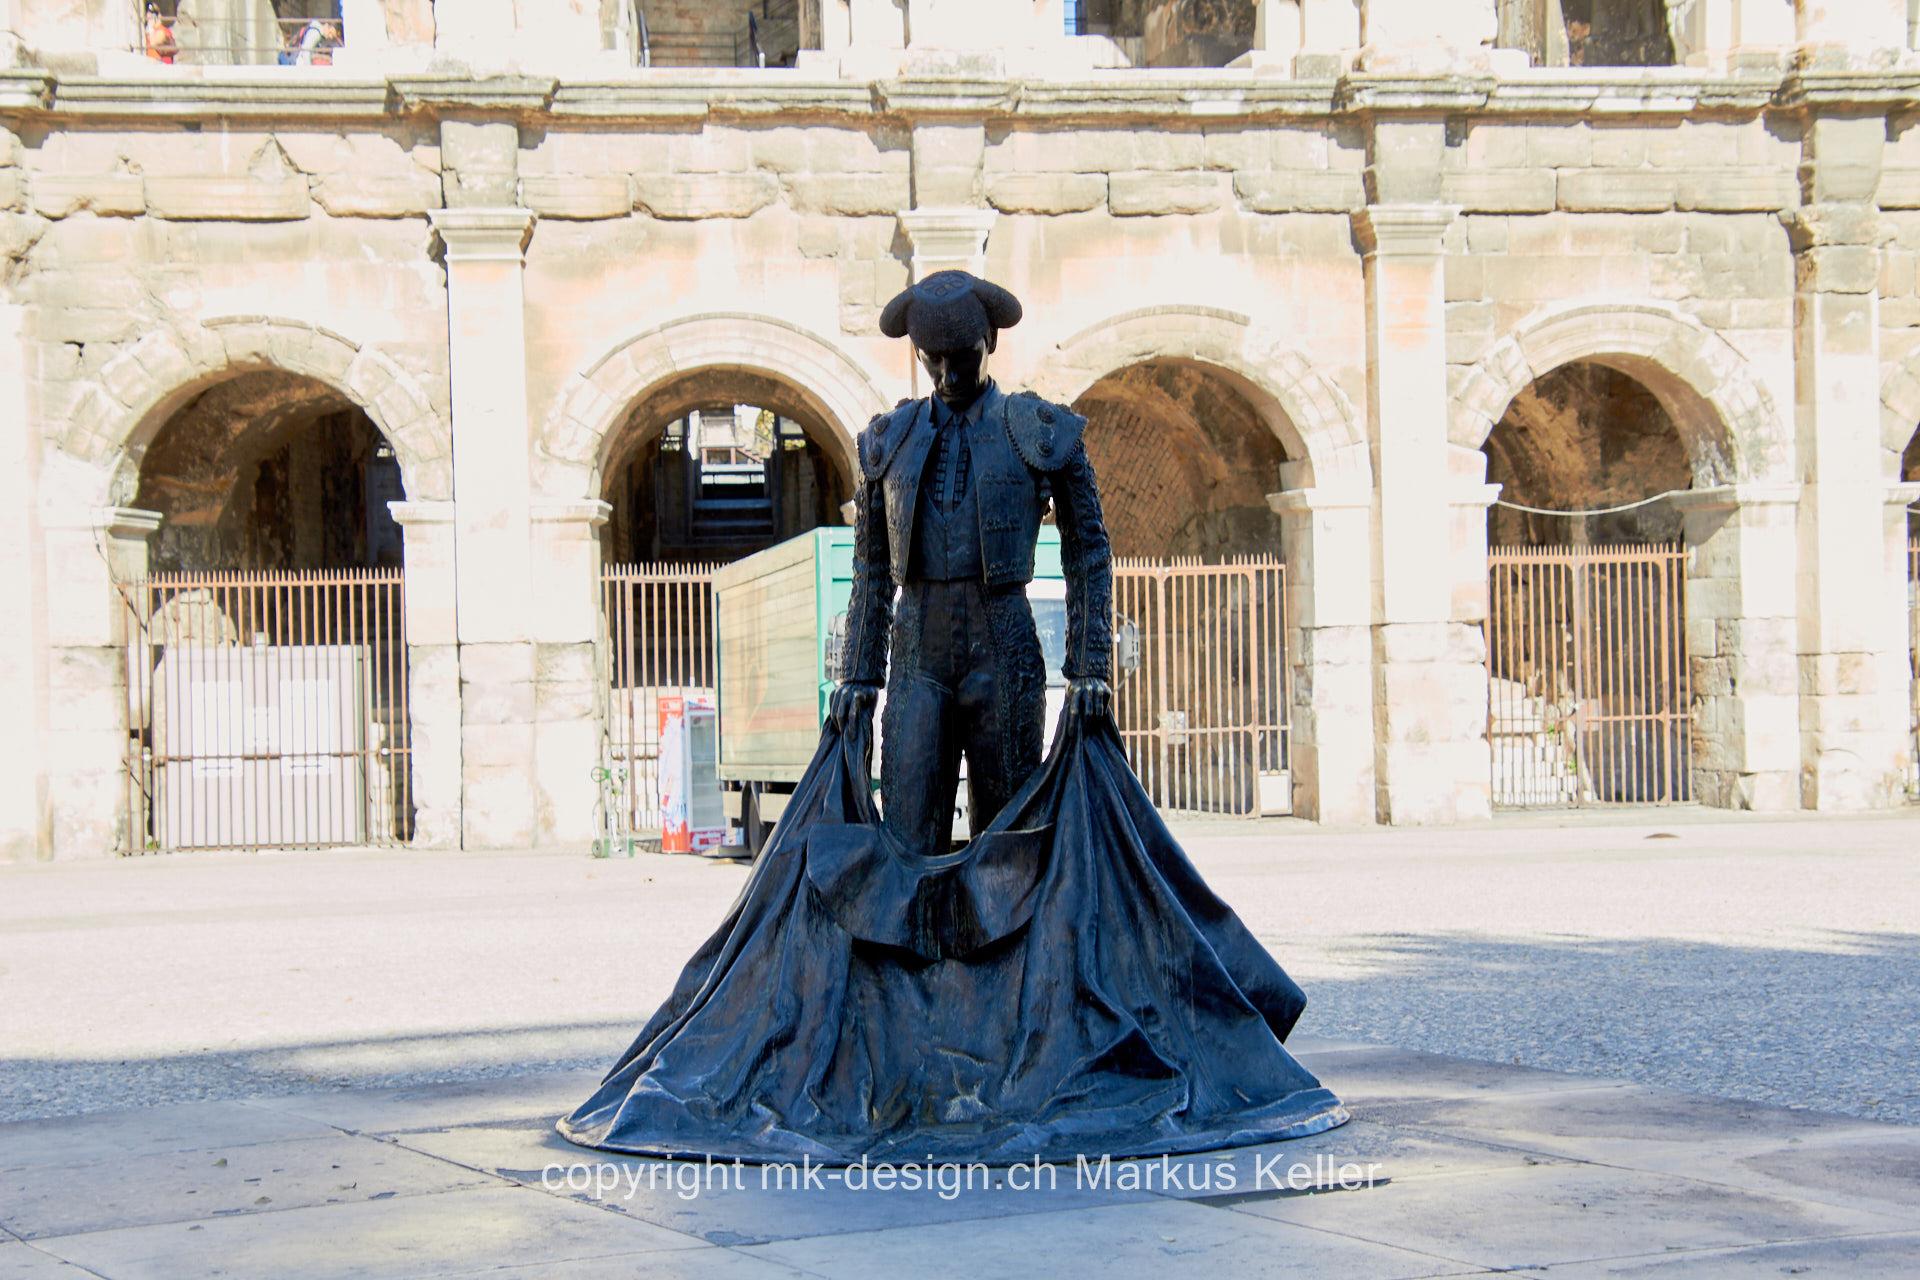 Bauwerk   Arena   Statue/Skulptur